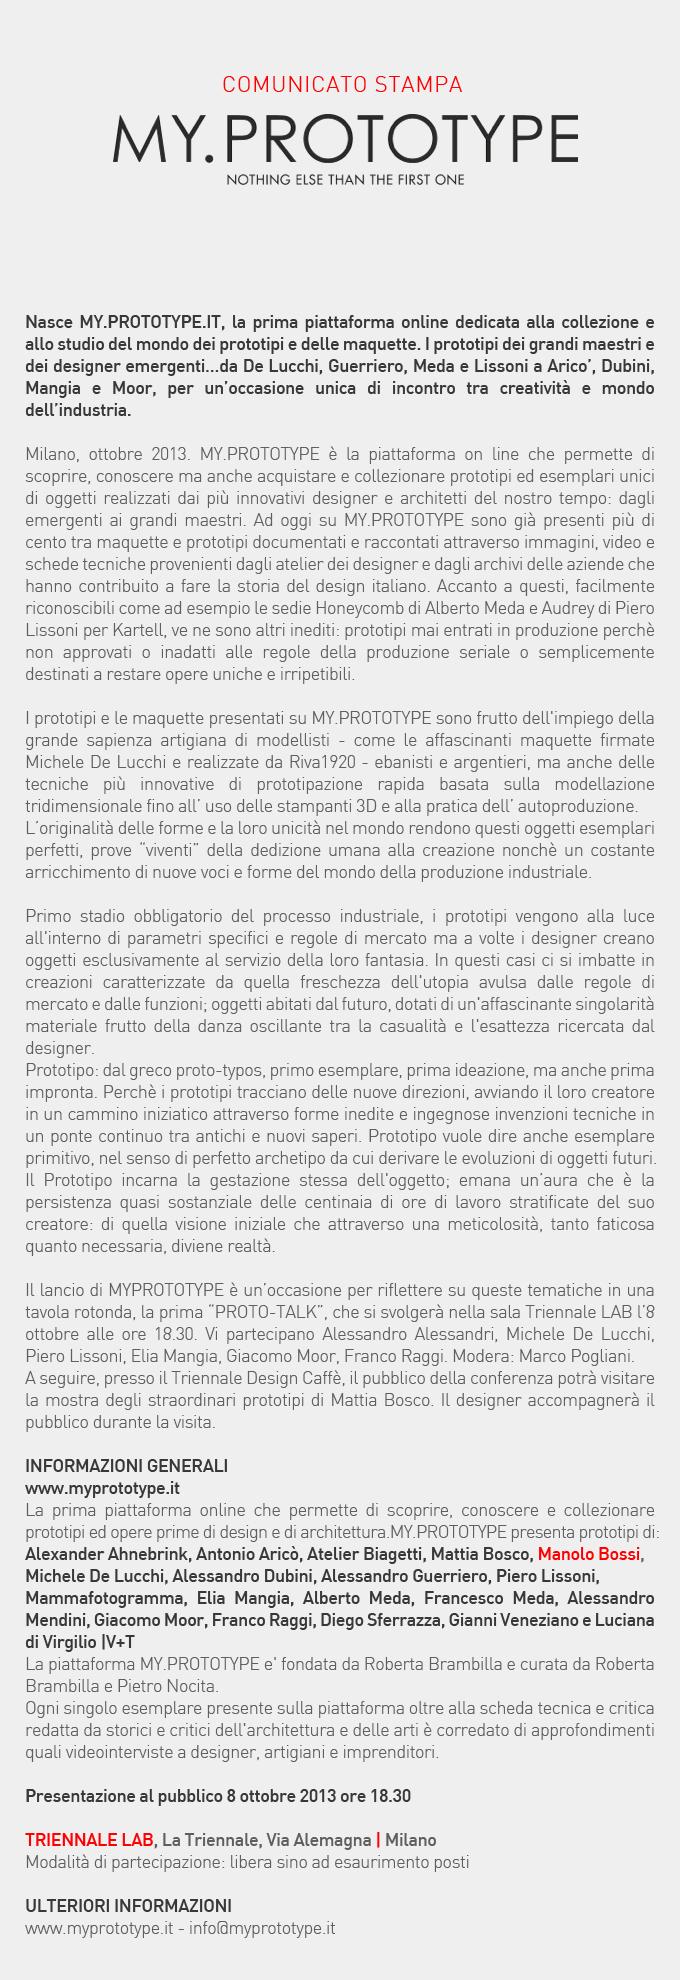 Comunicato Stampa ITA 04.10.2013